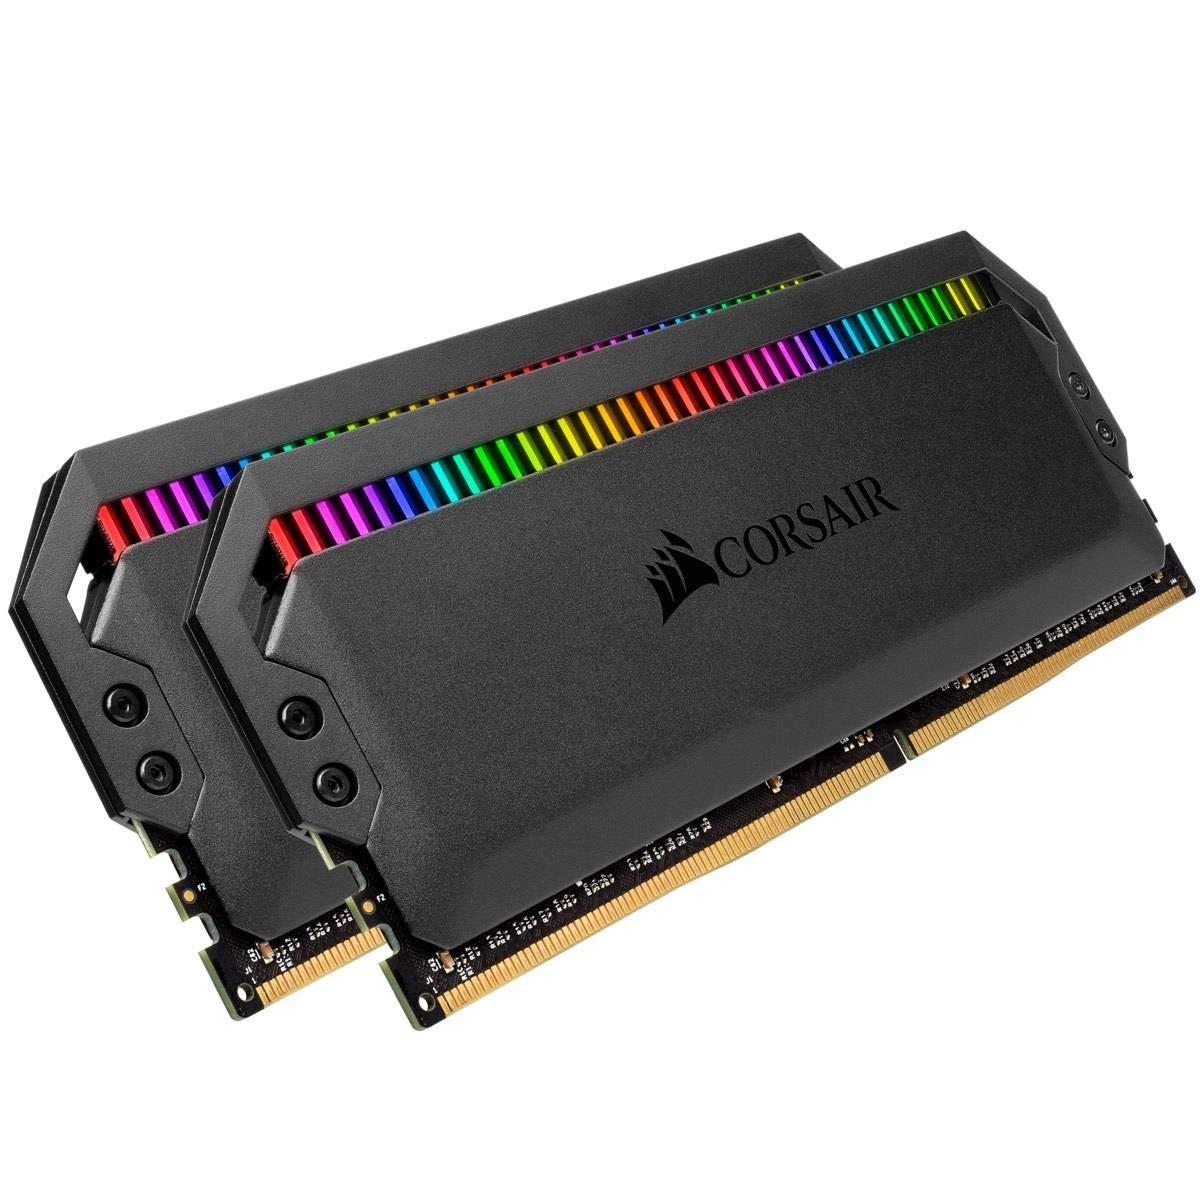 Memoria RAM 32GB Corsair Dominator Platinum RGB (2x16GB) DDR4 3466 (PC4-27700) C16 1.35V - Black